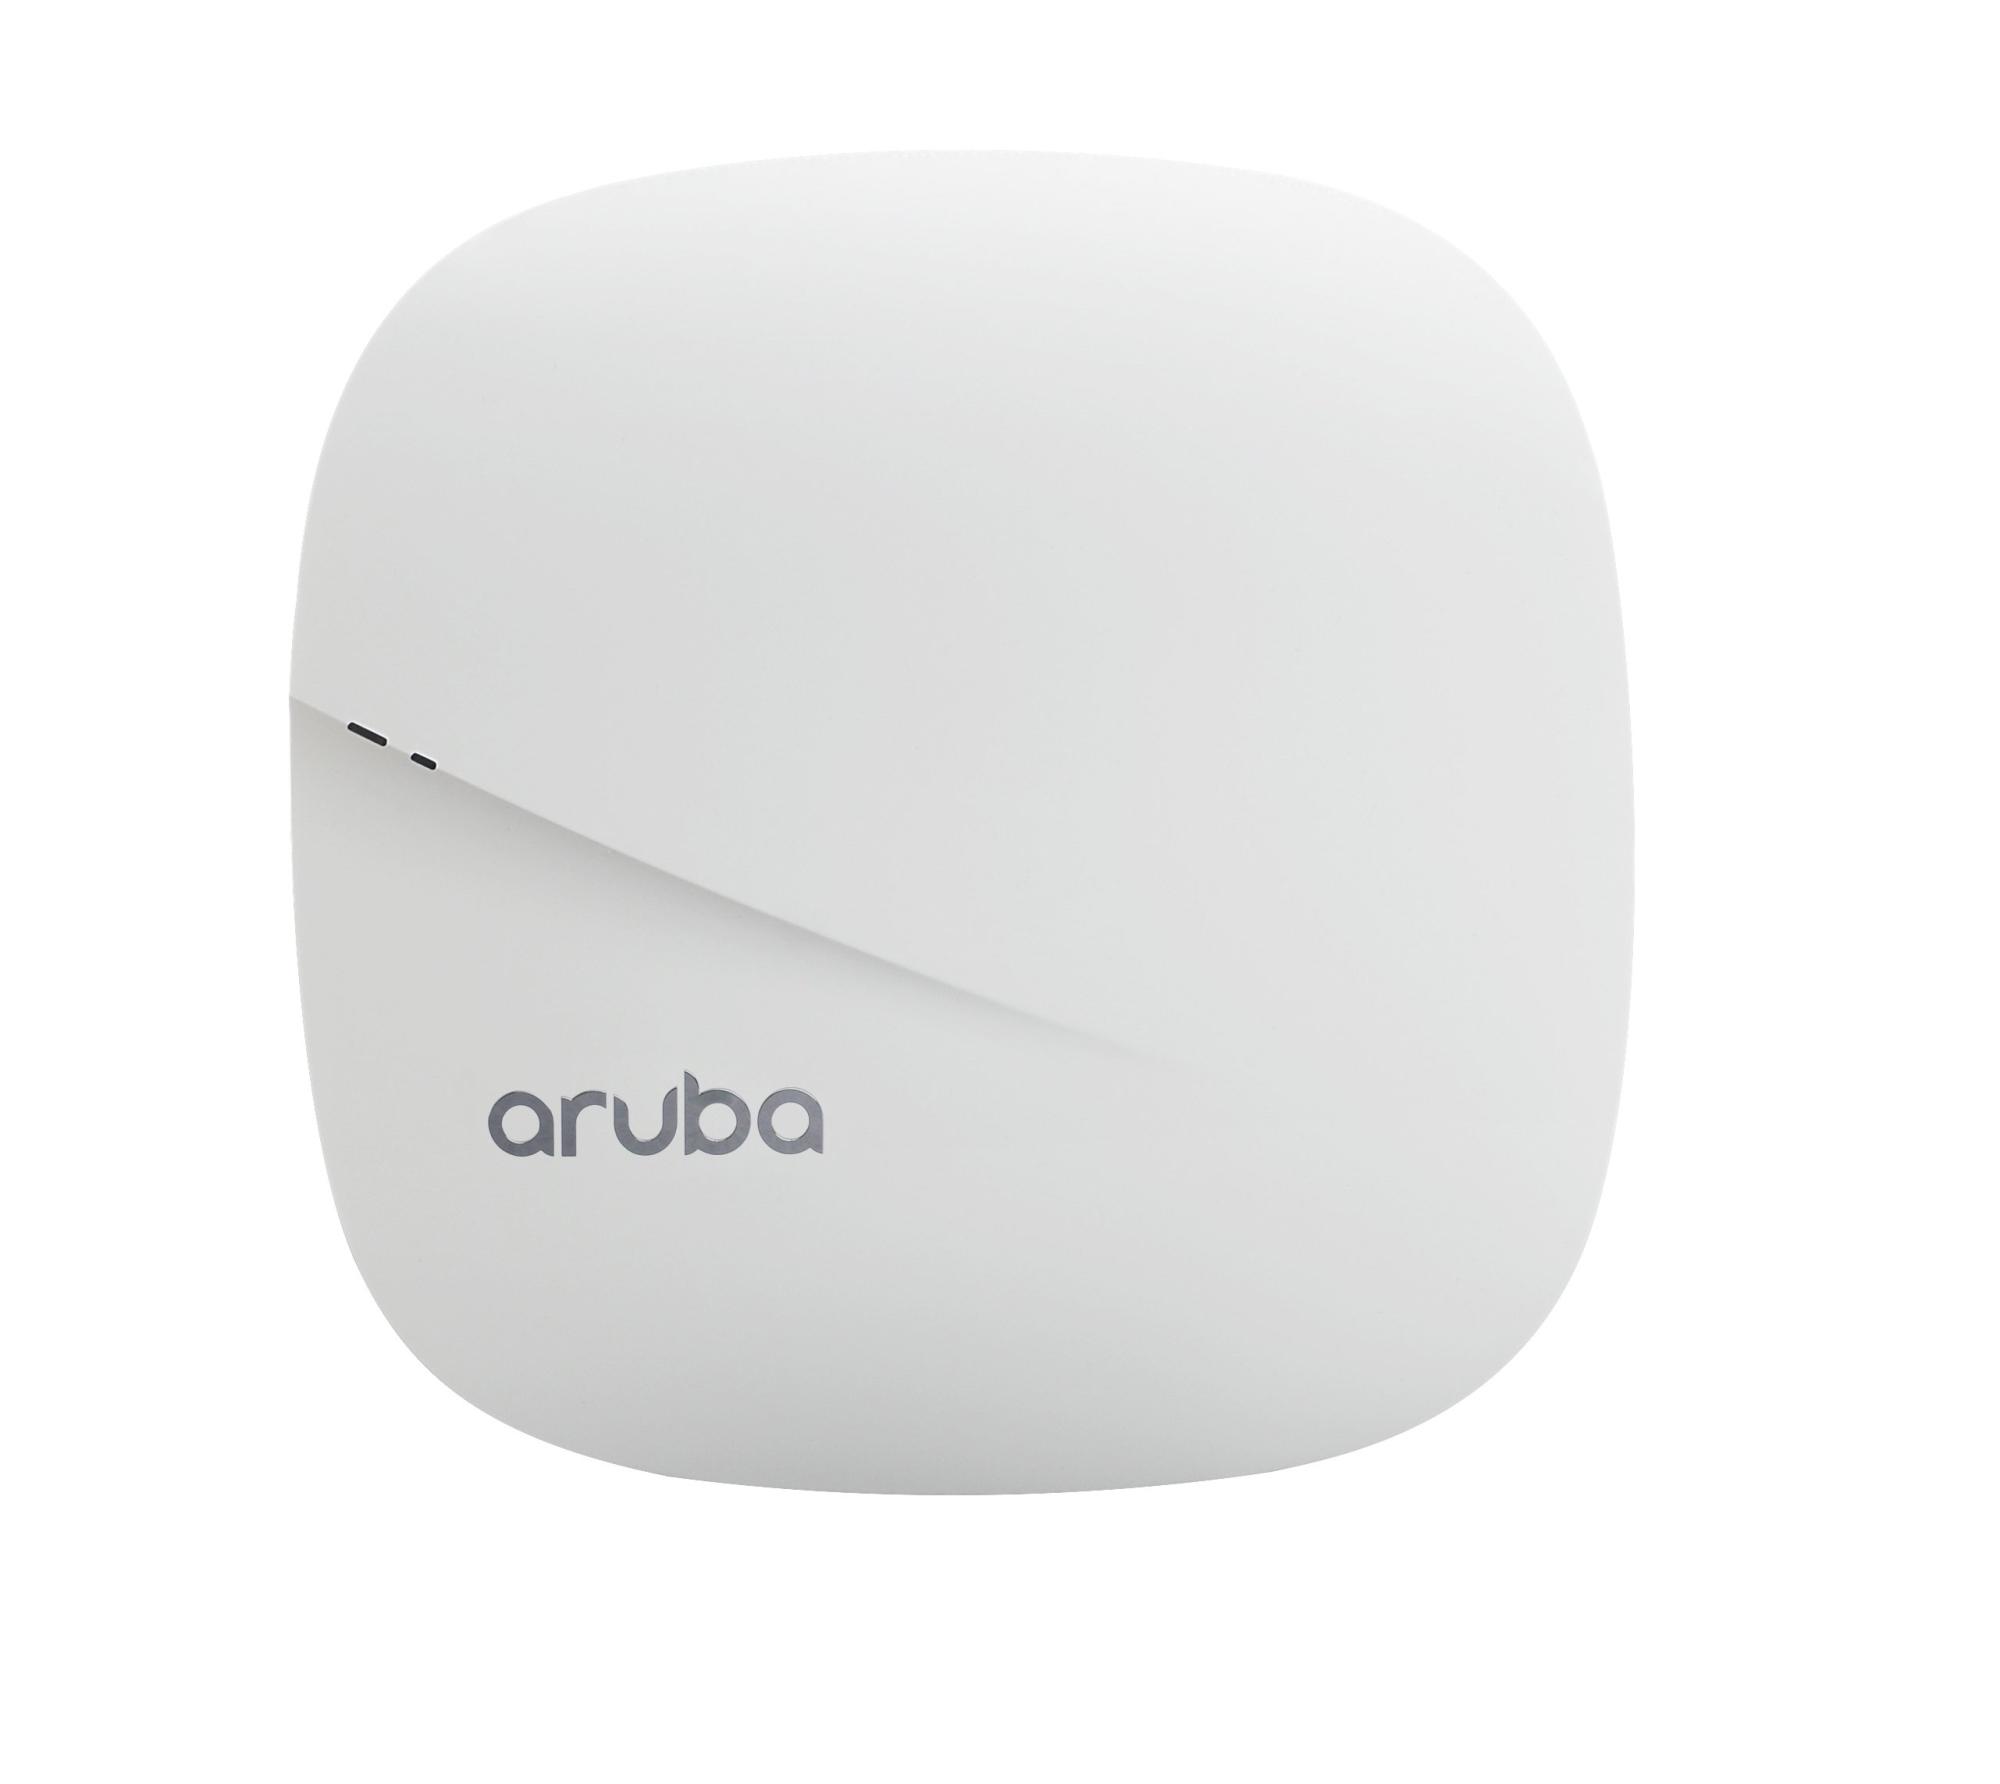 Aruba Iap-305 (rw) Cpnt